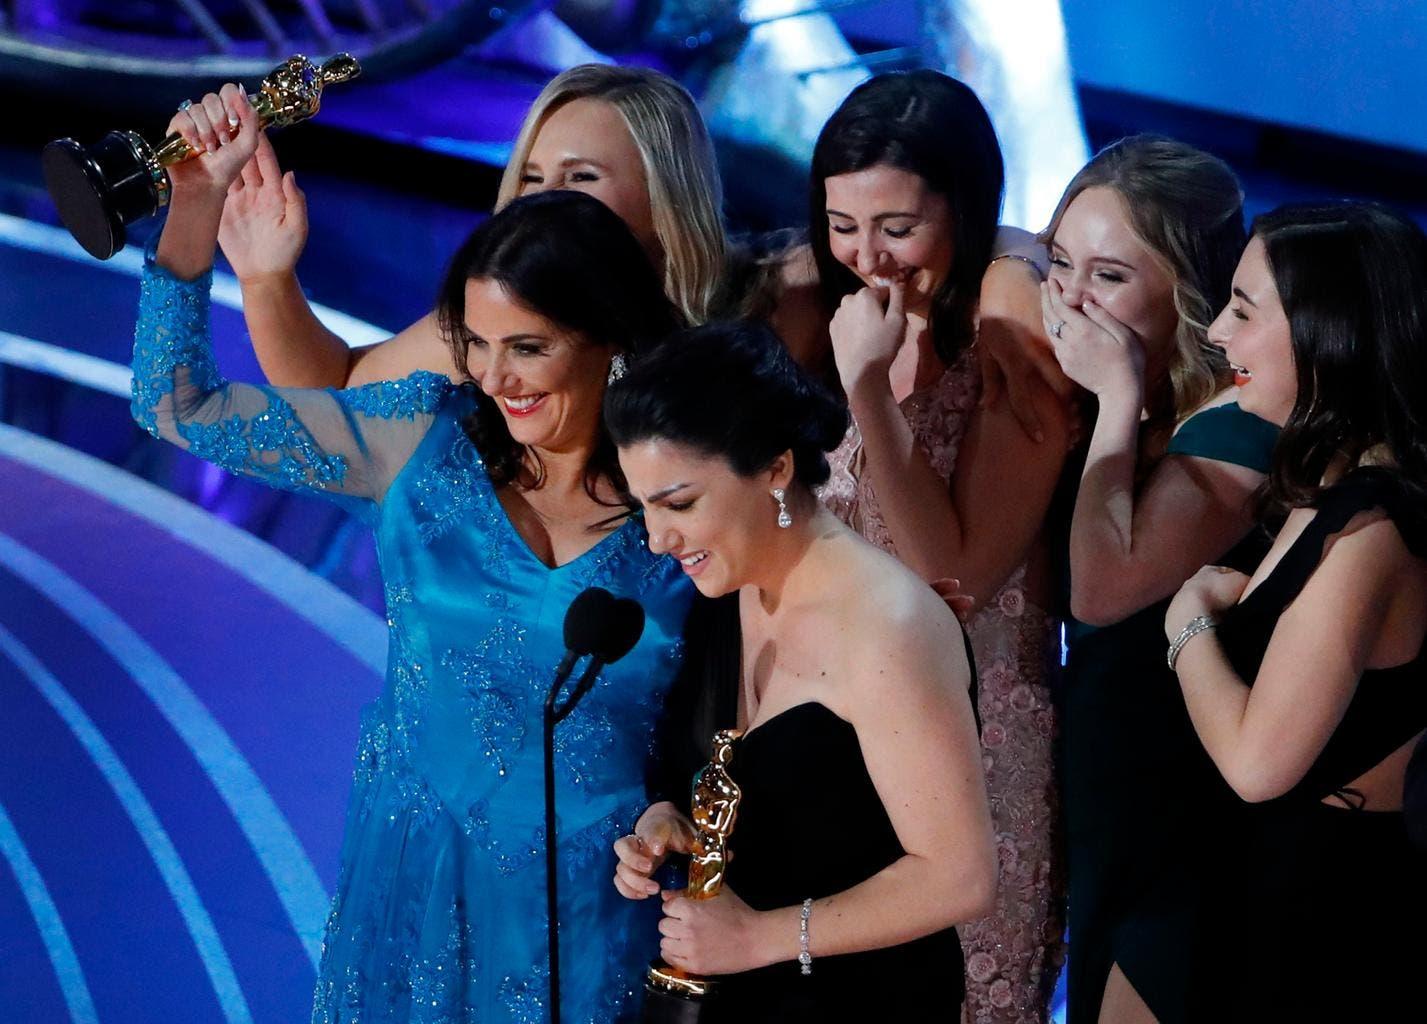 Premios Oscar 2019: cómo y dónde ver las películas ganadoras de los premios